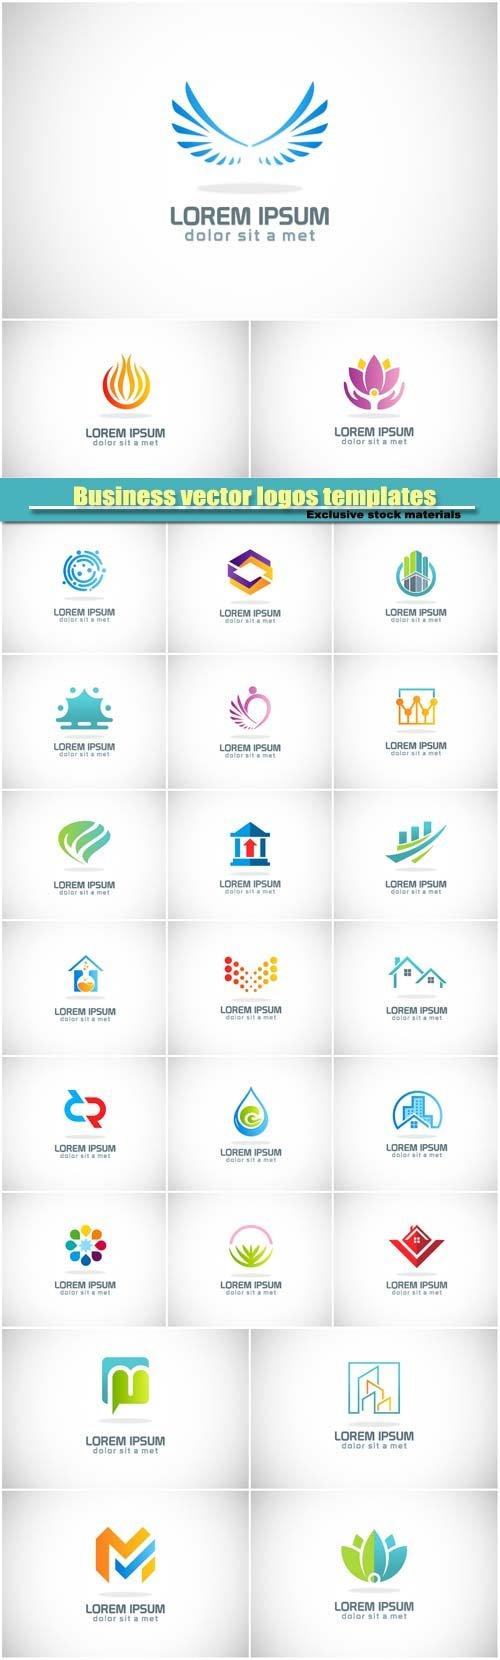 Business vector logos templates, creative figure icon #4